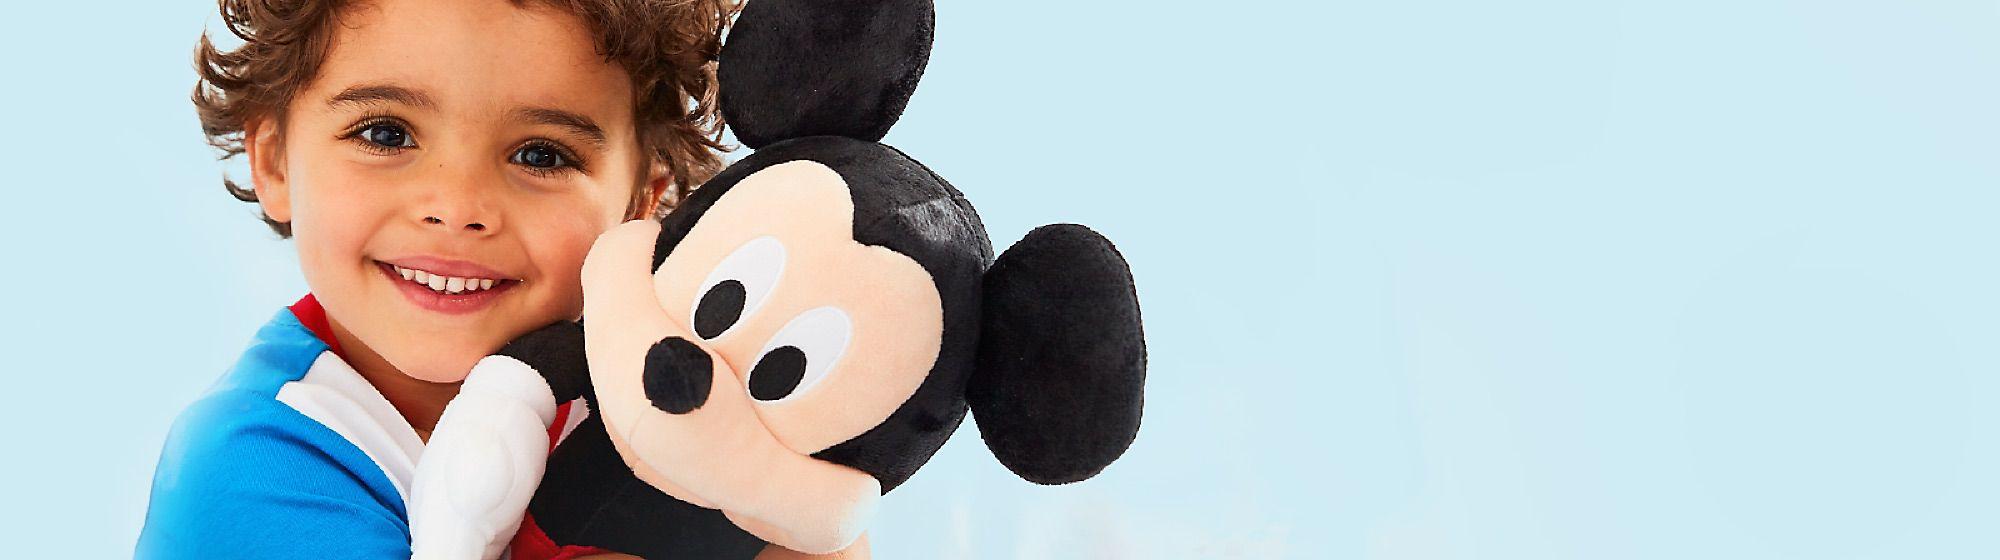 Diffondi la magia attorno a te, assieme alla nostra gamma di giocattoli originali firmati Disney, le linee di abbigliamento, le statutine, tutti gli oggetti da collezione, gli articoli per la casa, i regali per adulti e bambini e altro ancora